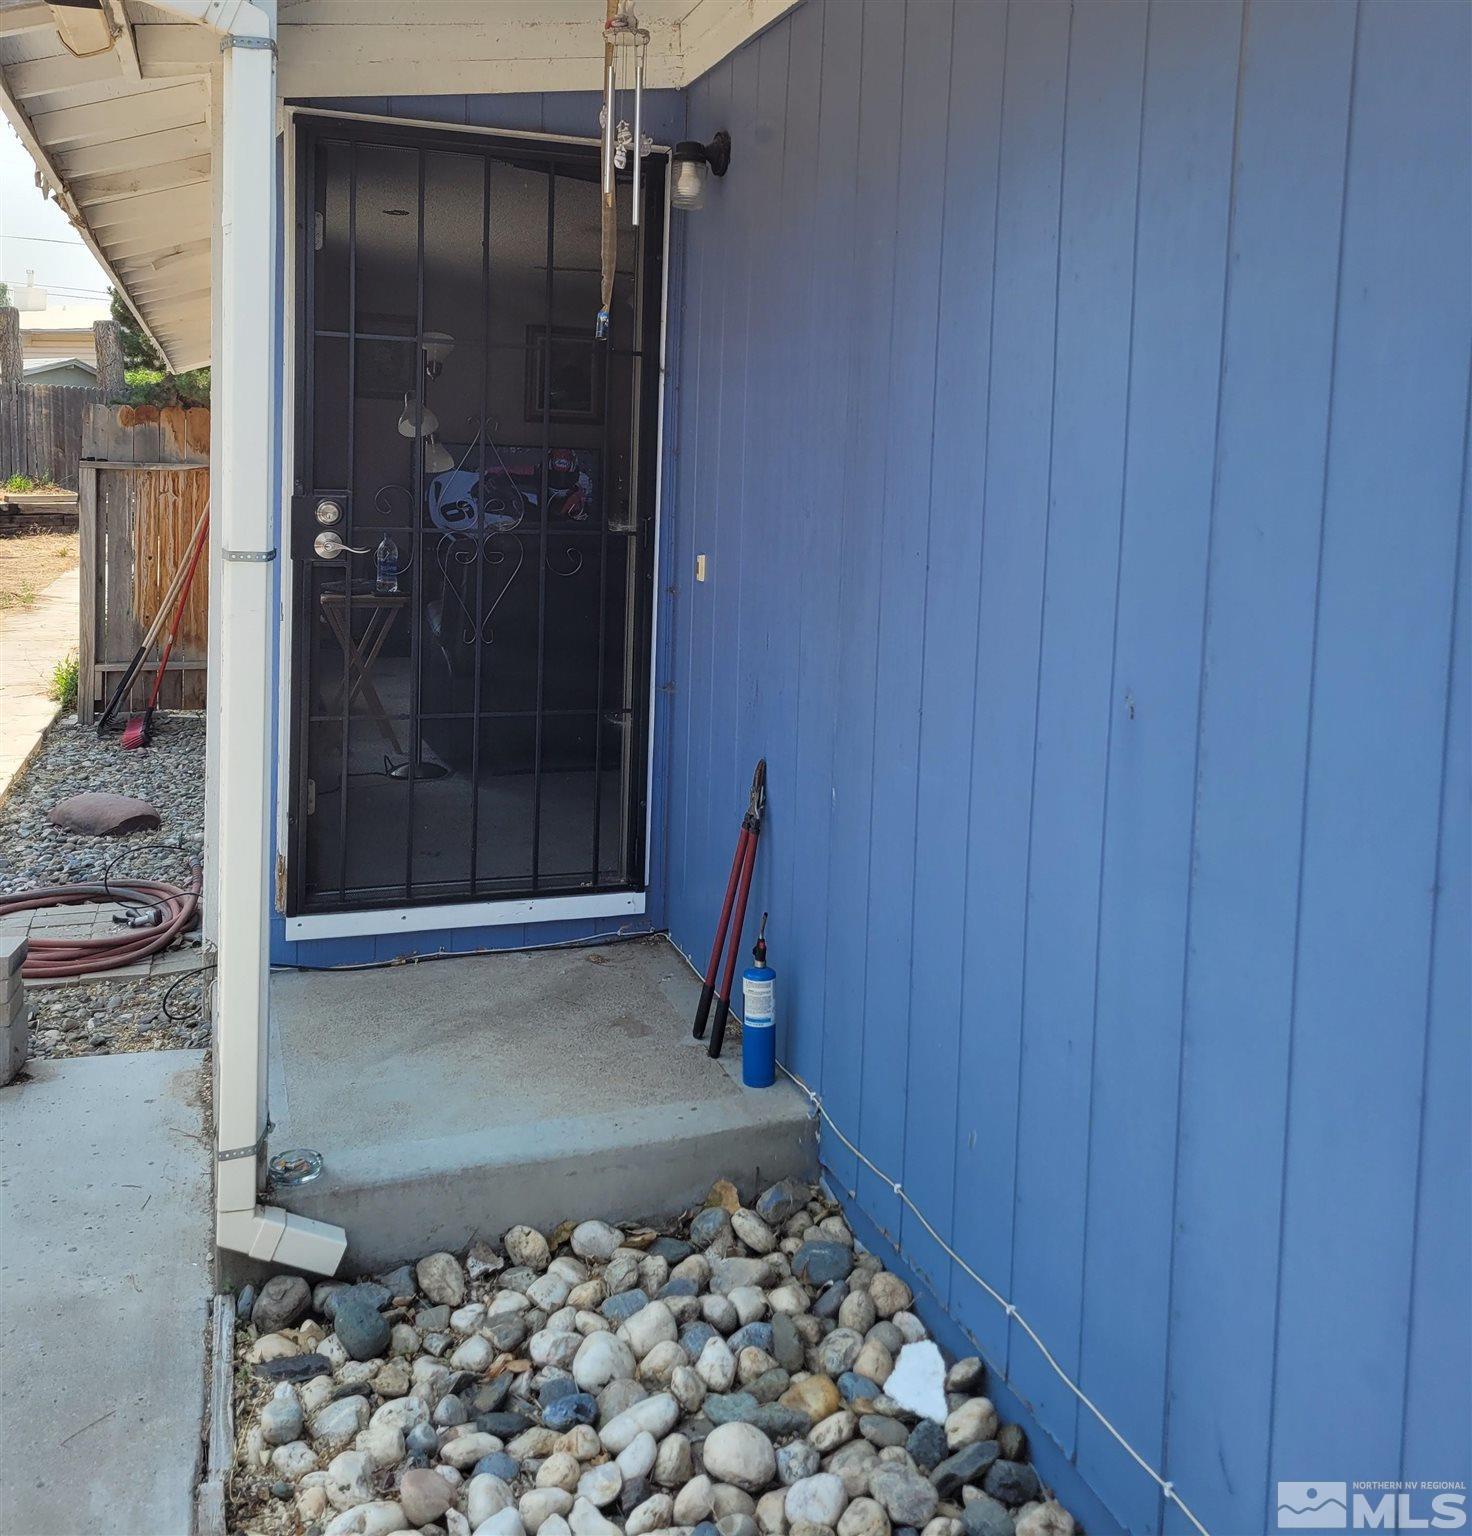 Image for 13490 Fort Sage, Reno, NV 89506-1302